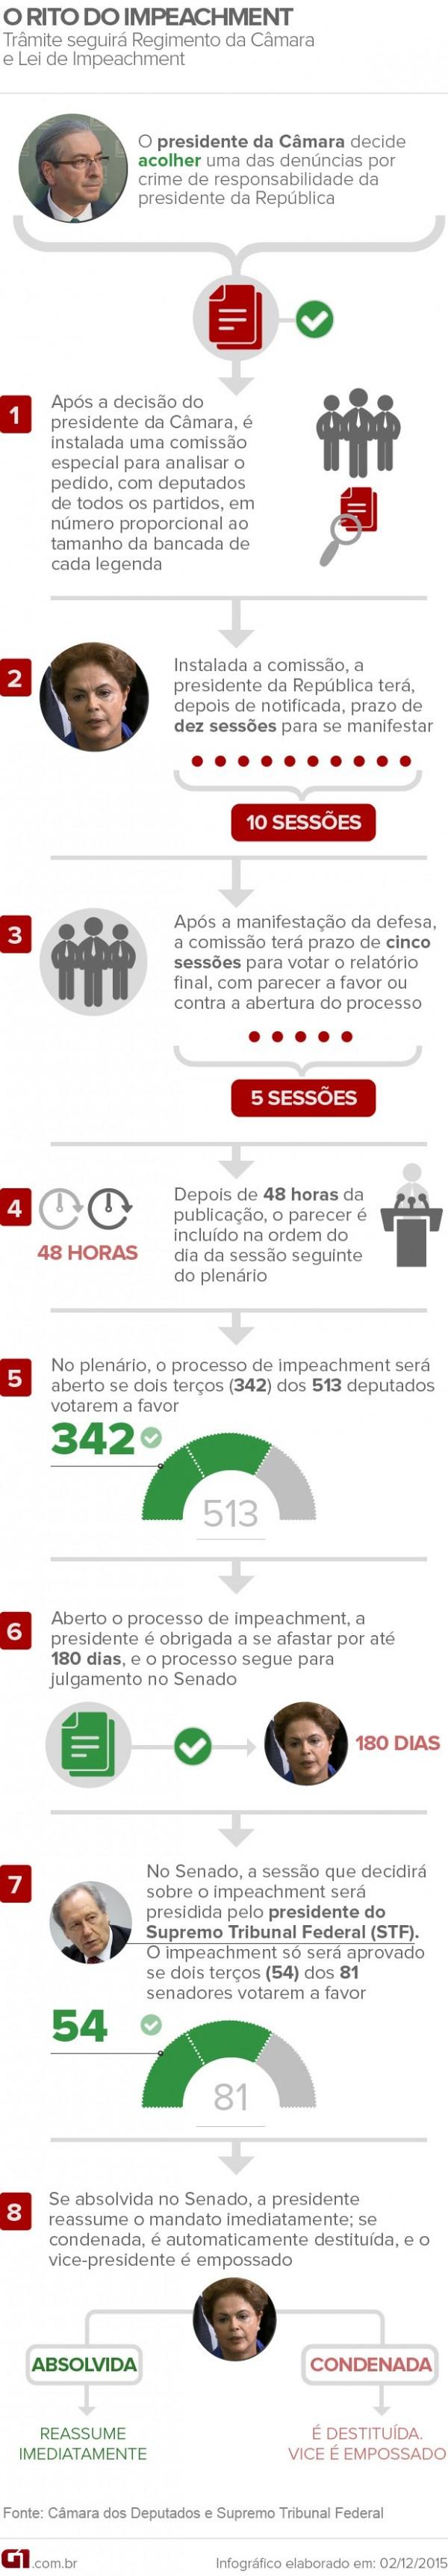 infografico rito impeachment